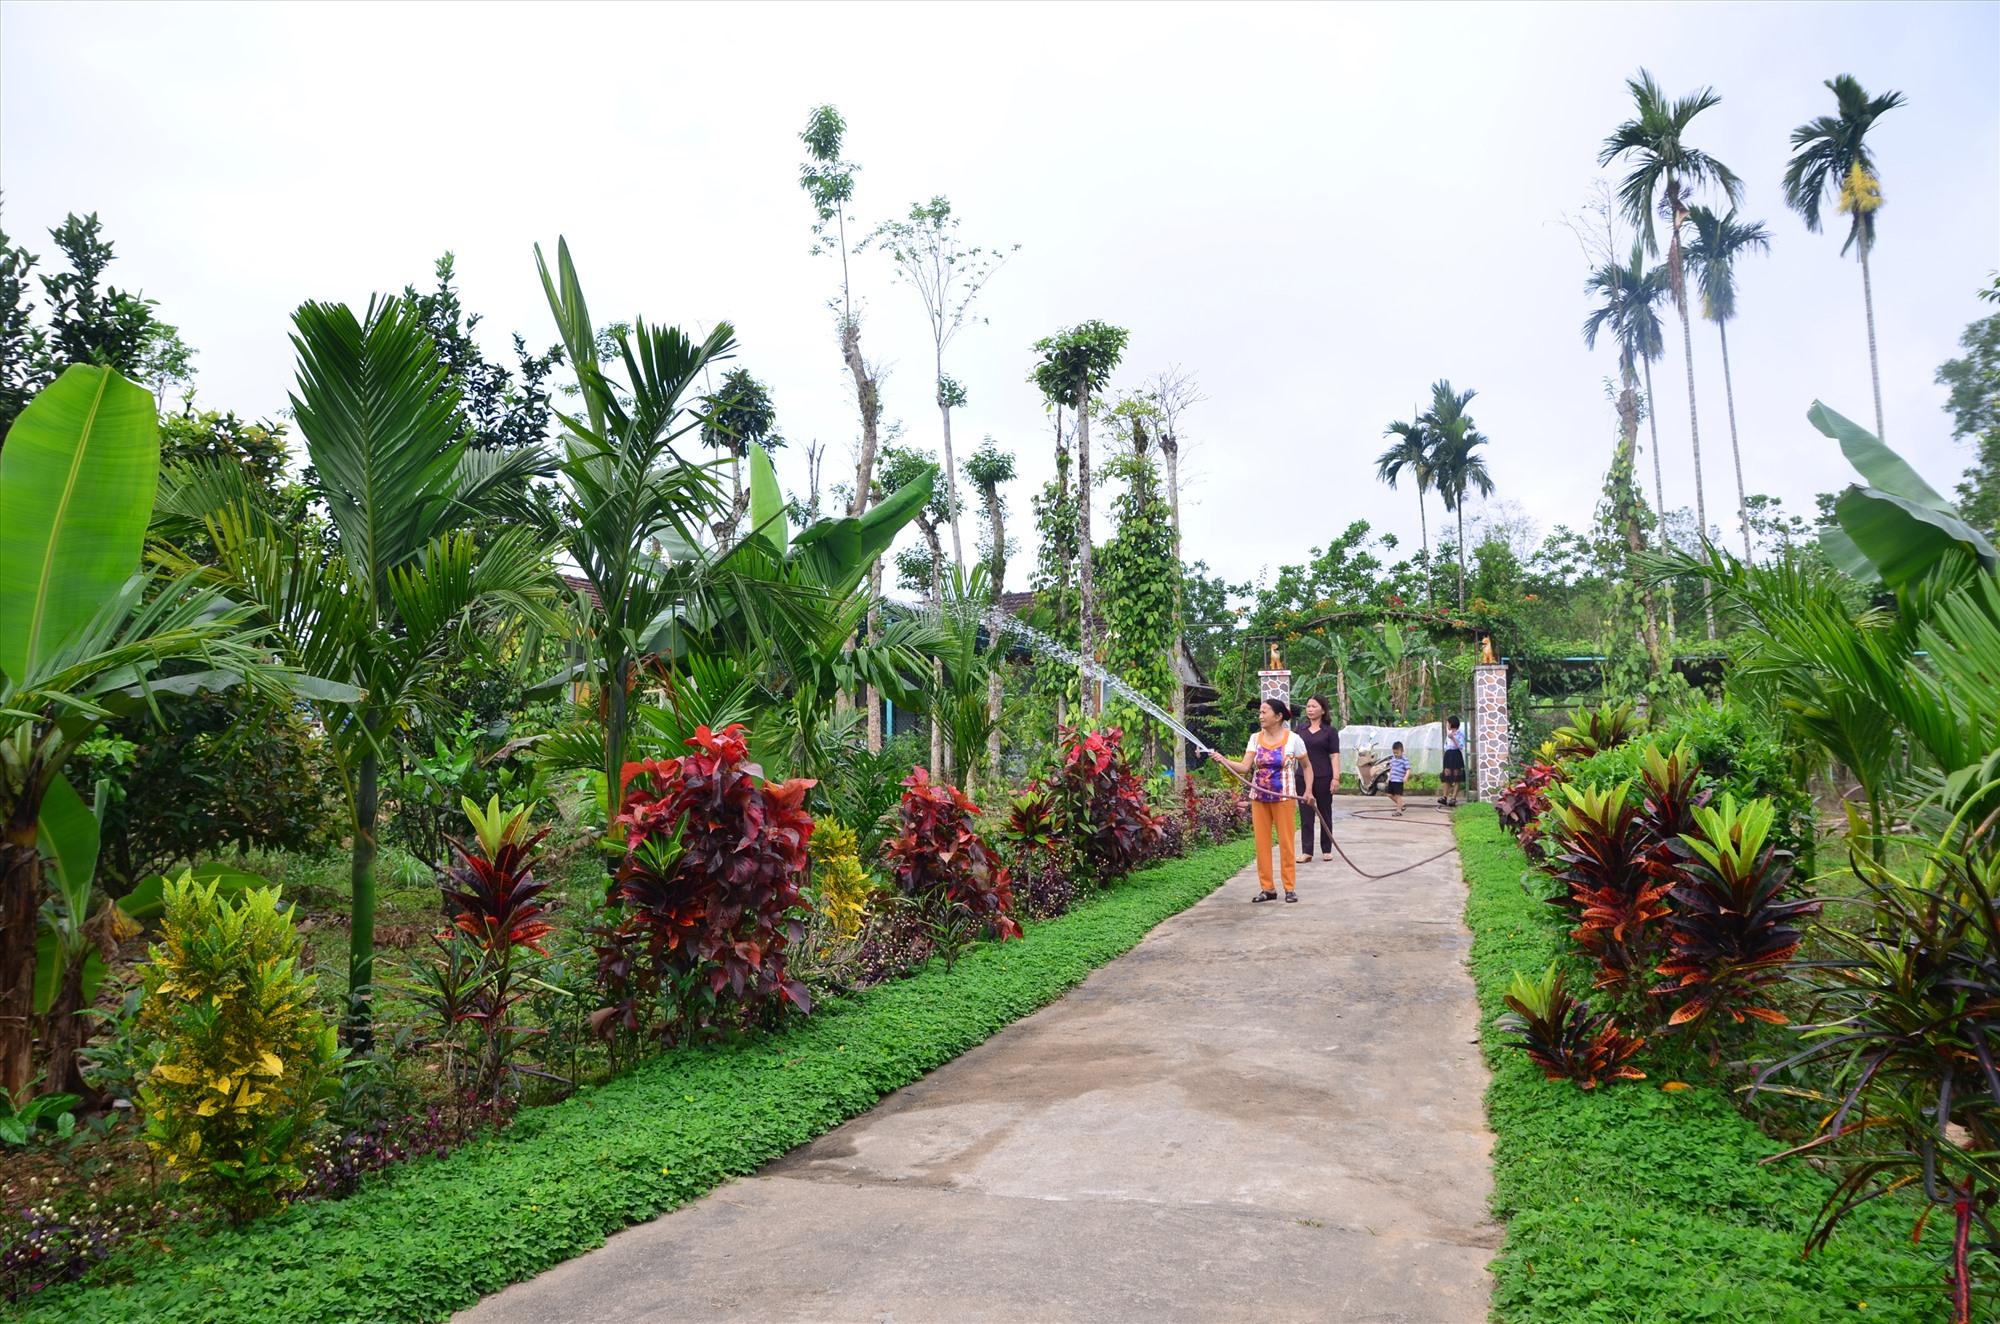 """Mô hình """"Nhà sạch, vườn đẹp"""" của bà Phan Thị Để tại thôn 4, xã Tiên Lập (Tiên Phước). Ảnh: HOÀNG HƯNG"""